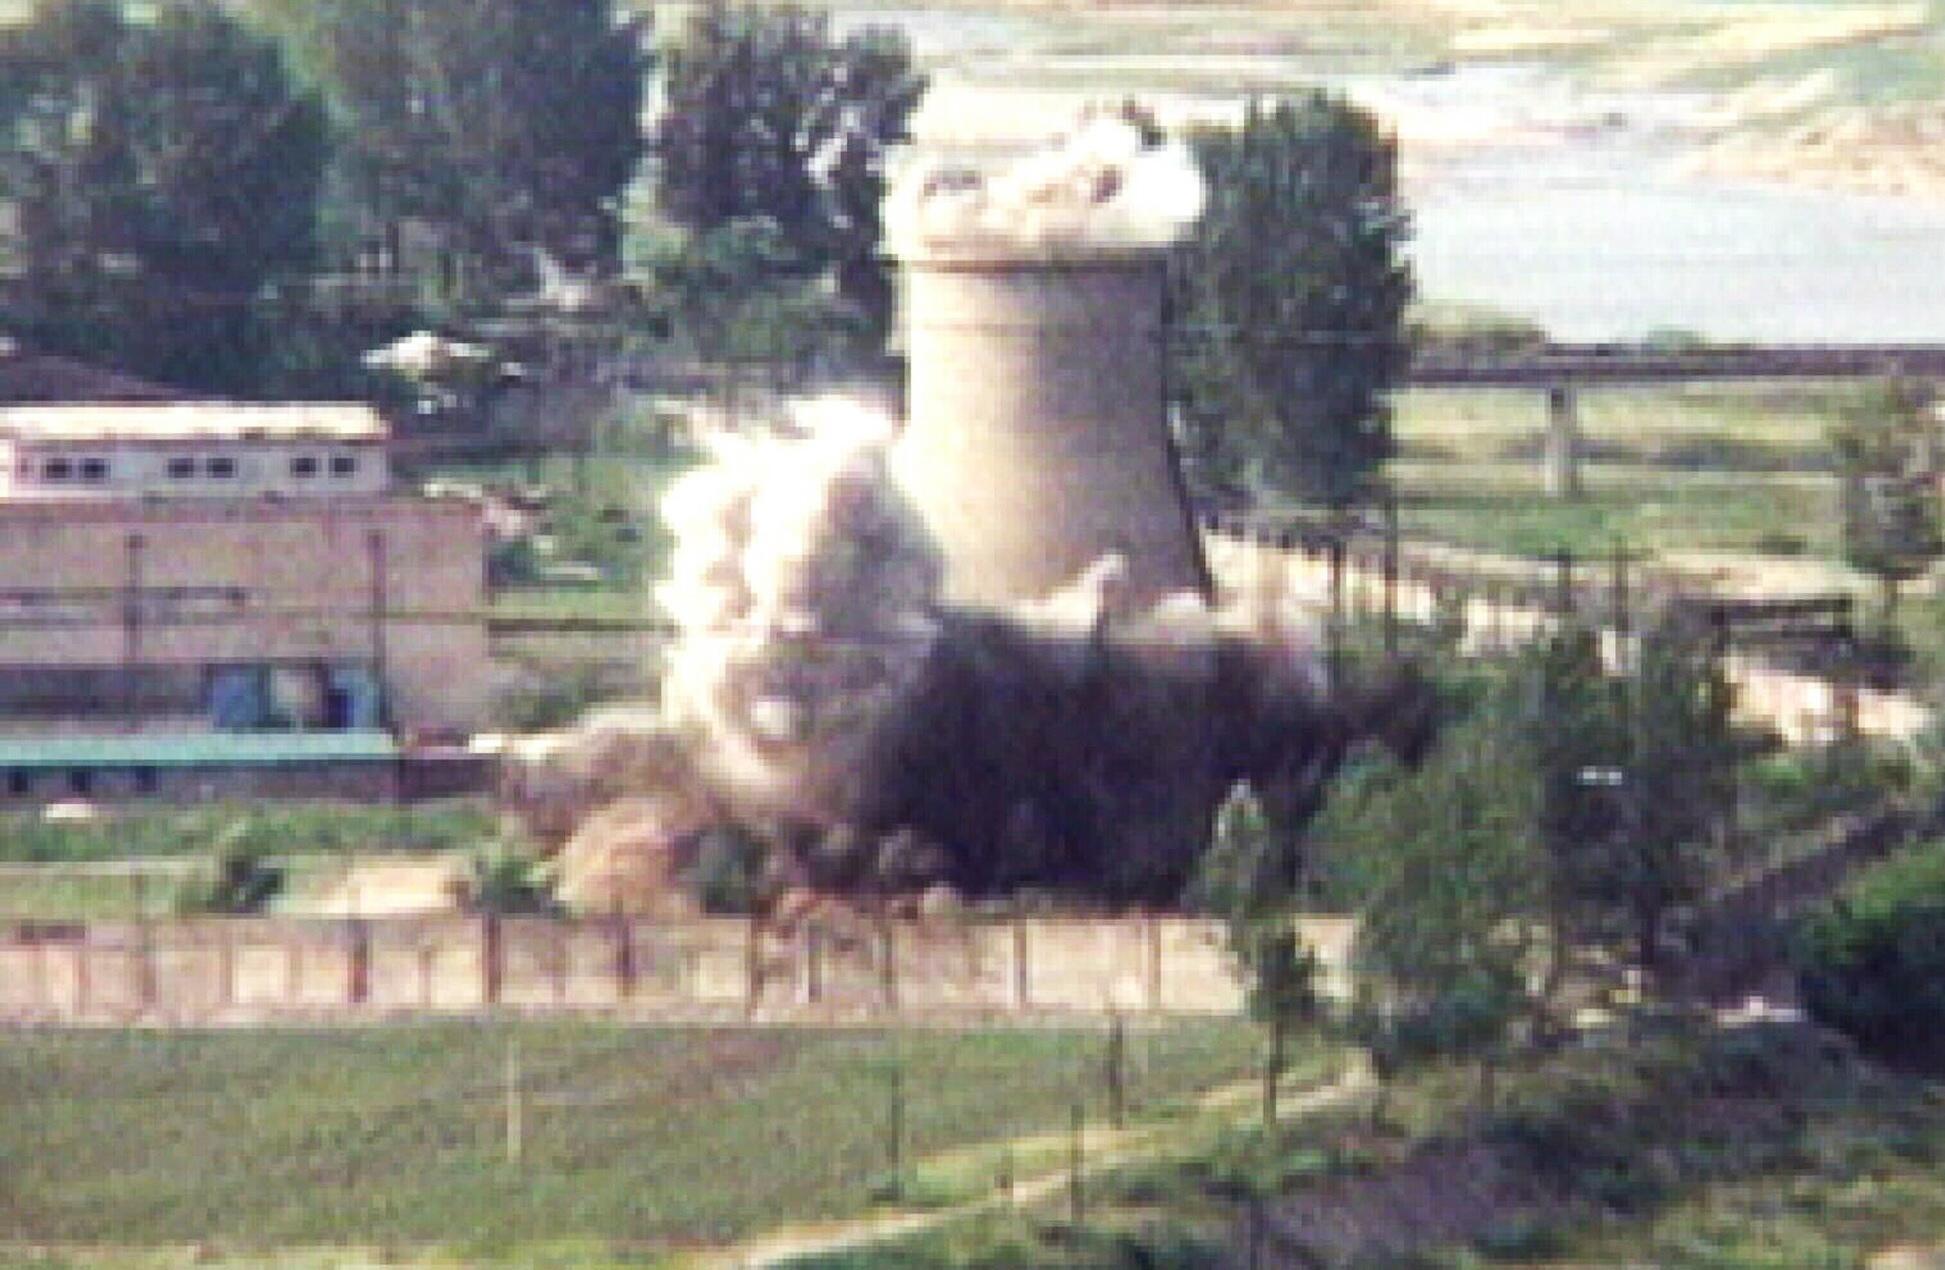 Bild zu Schließung von Atomgelände in Nordkorea